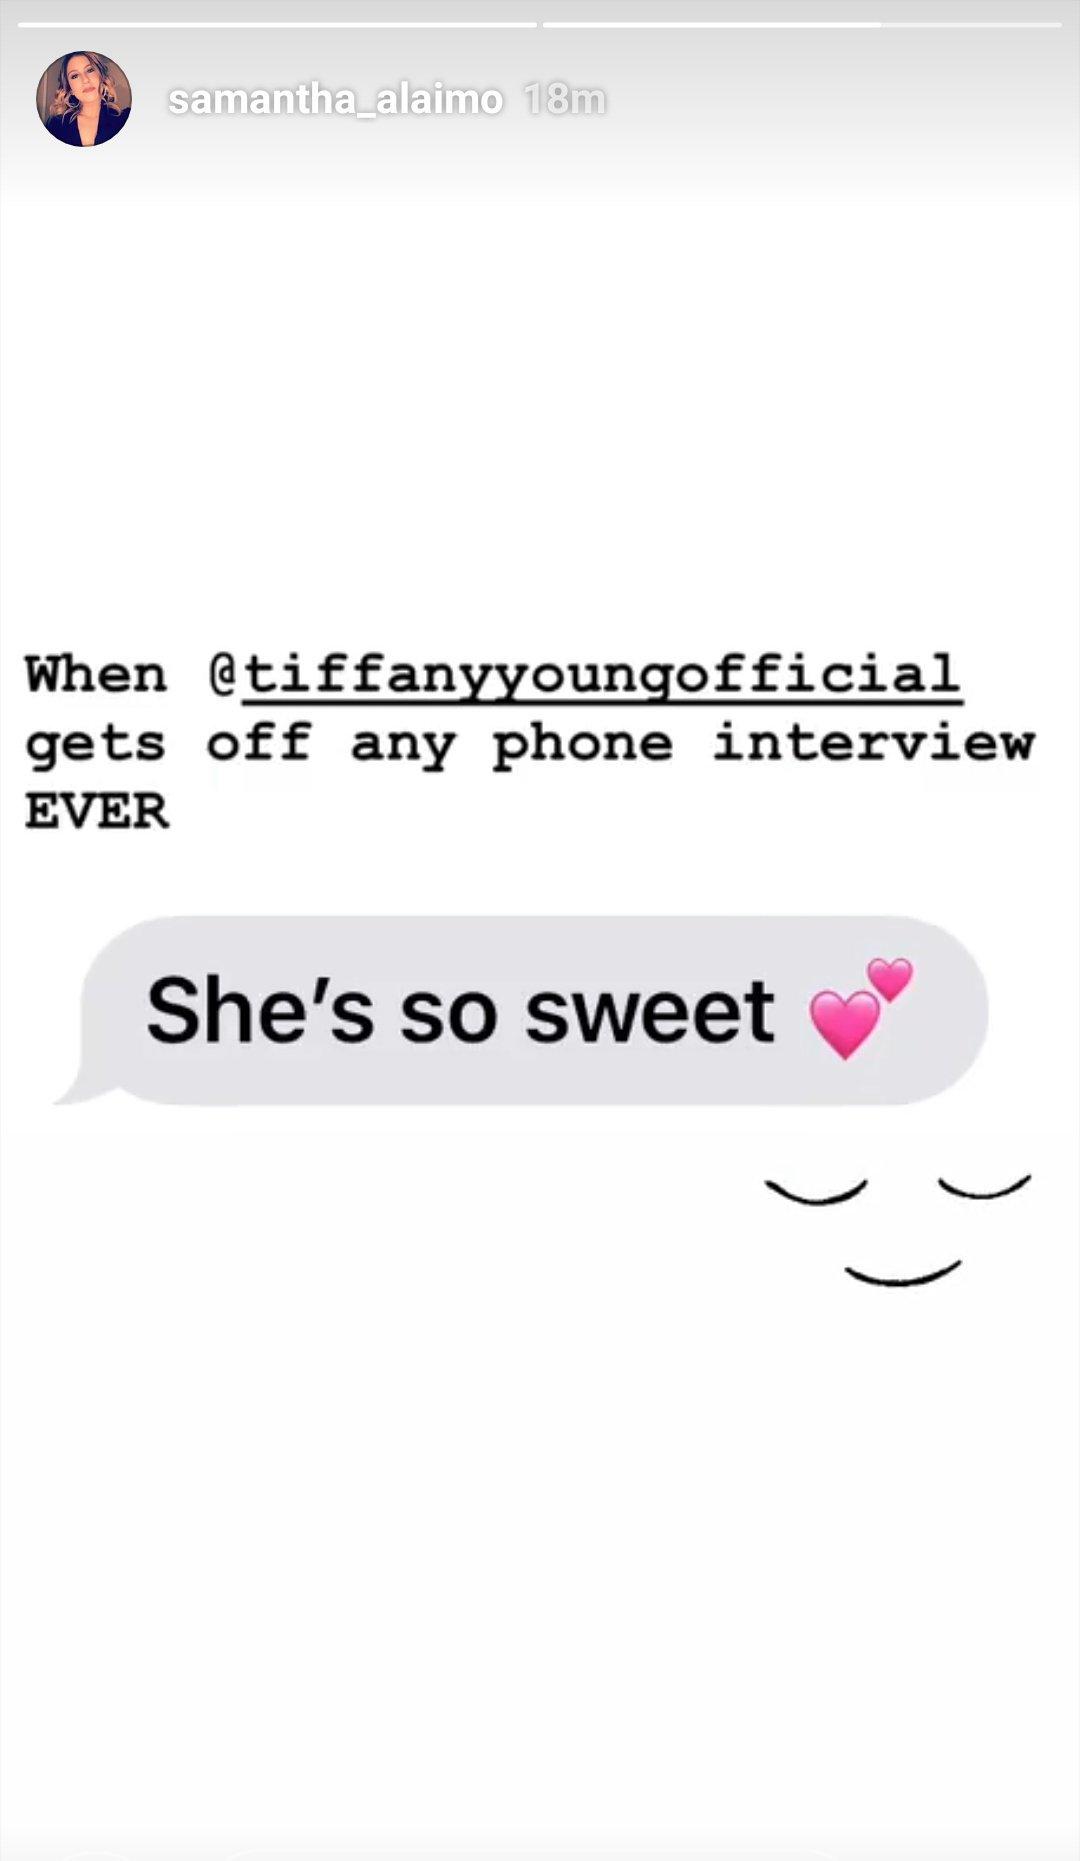 인터뷰 할때마다 스윗하다는 얘기듣는 파니��  #TiffanyYoung  #BestSoloBreakOut  #iHeartAwards https://t.co/vdTGuZJzK0